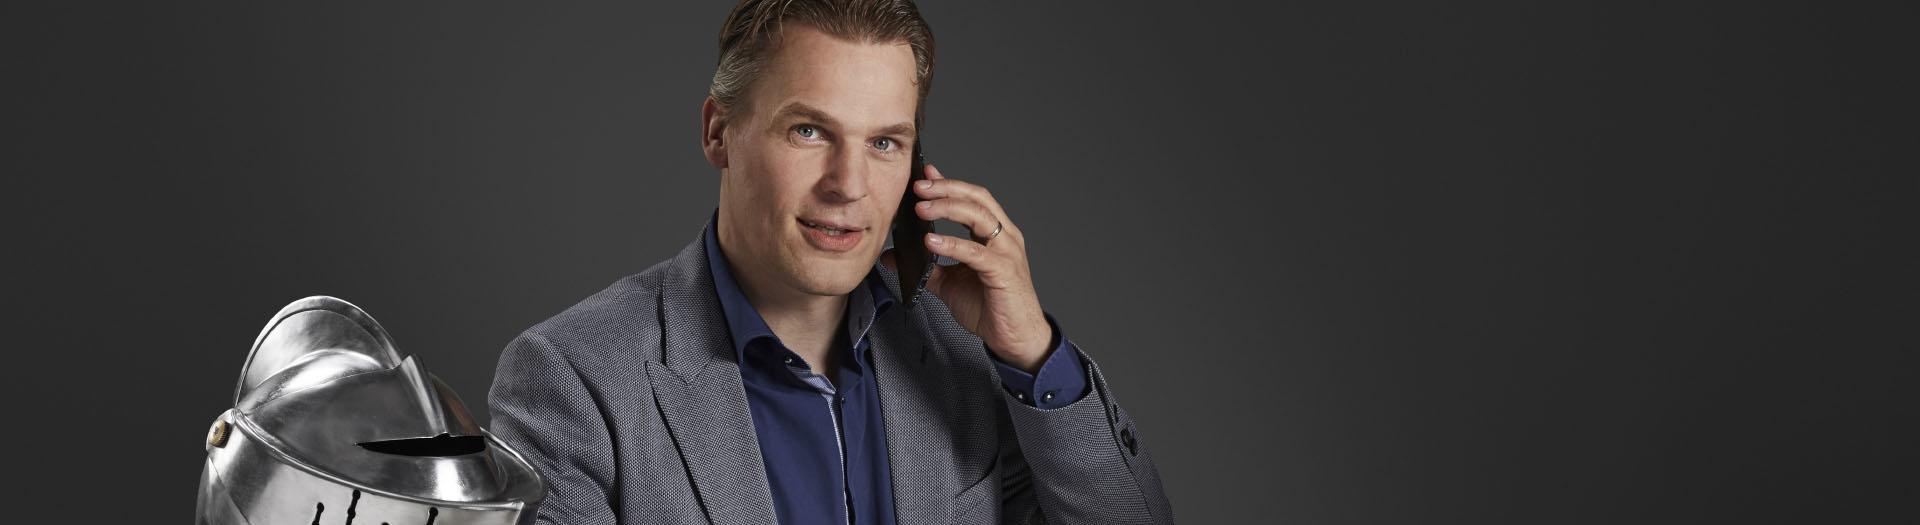 Arjen Haselbekke Helm